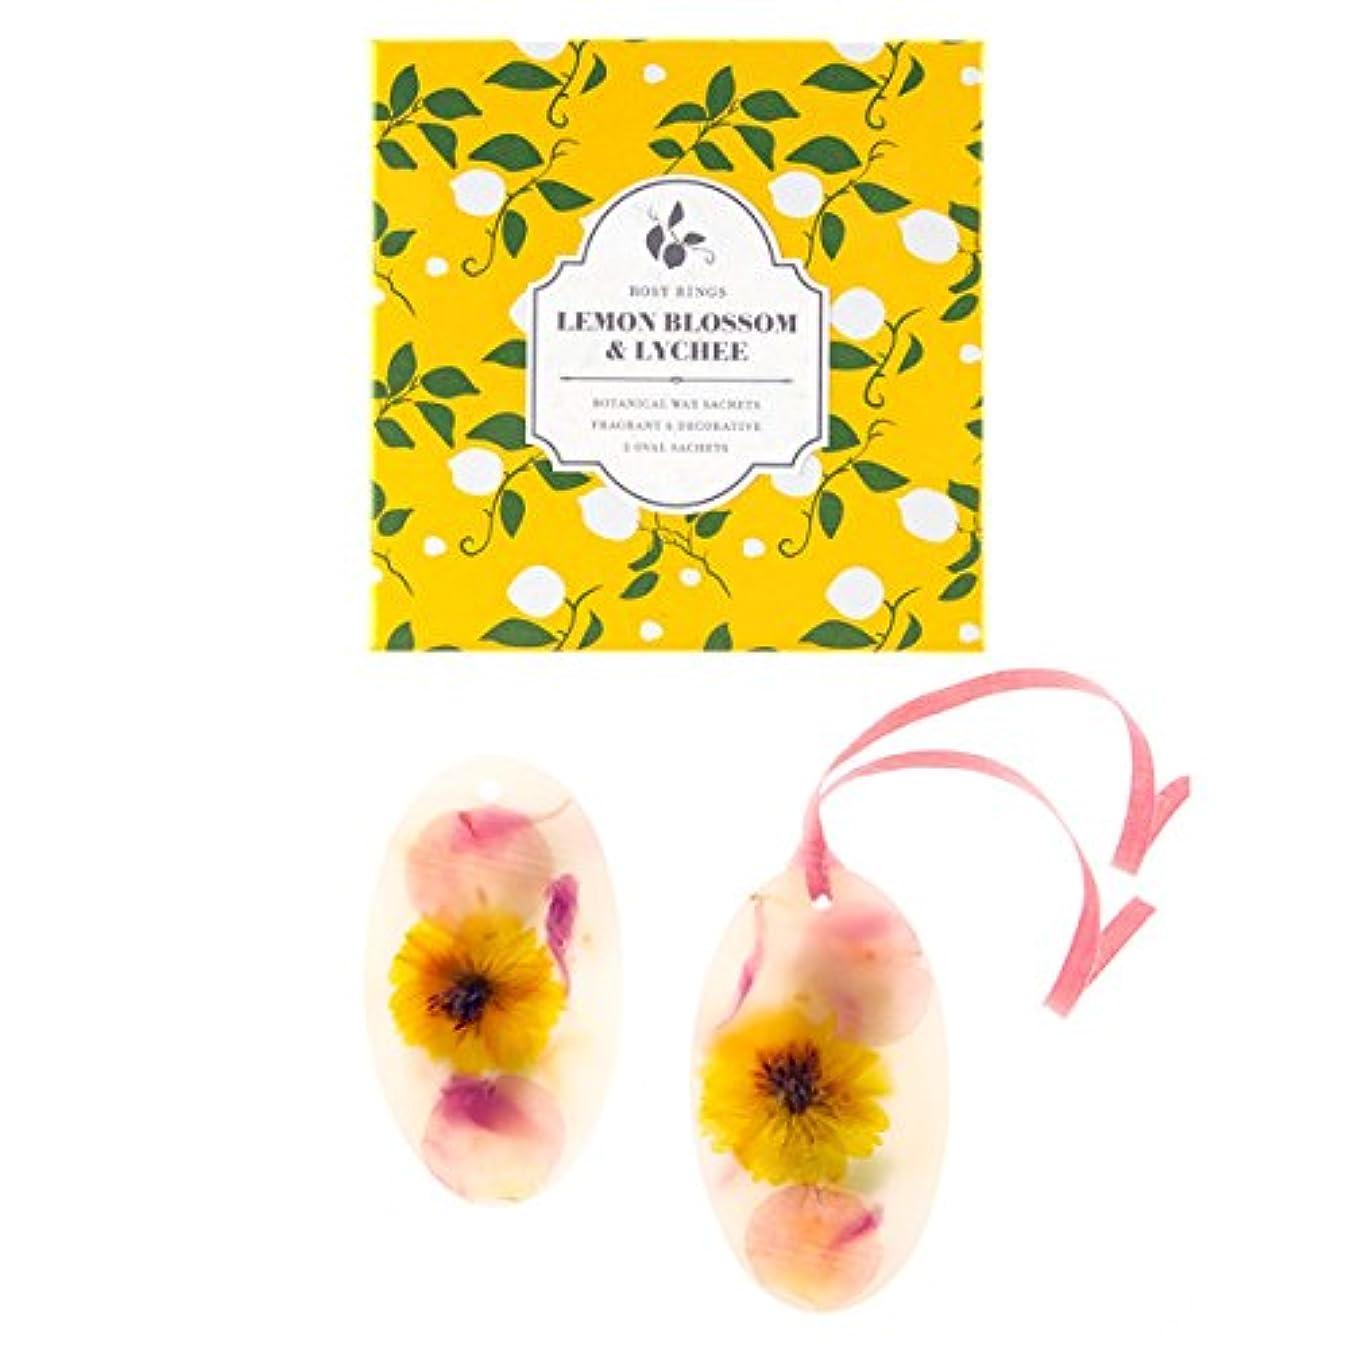 煙突ジョリー避けるロージーリングス ボタニカルワックスサシェ オーバル レモンブロッサム&ライチ ROSY RINGS Signature Collection Botanical Wax Sachets – Lemon Blossom...